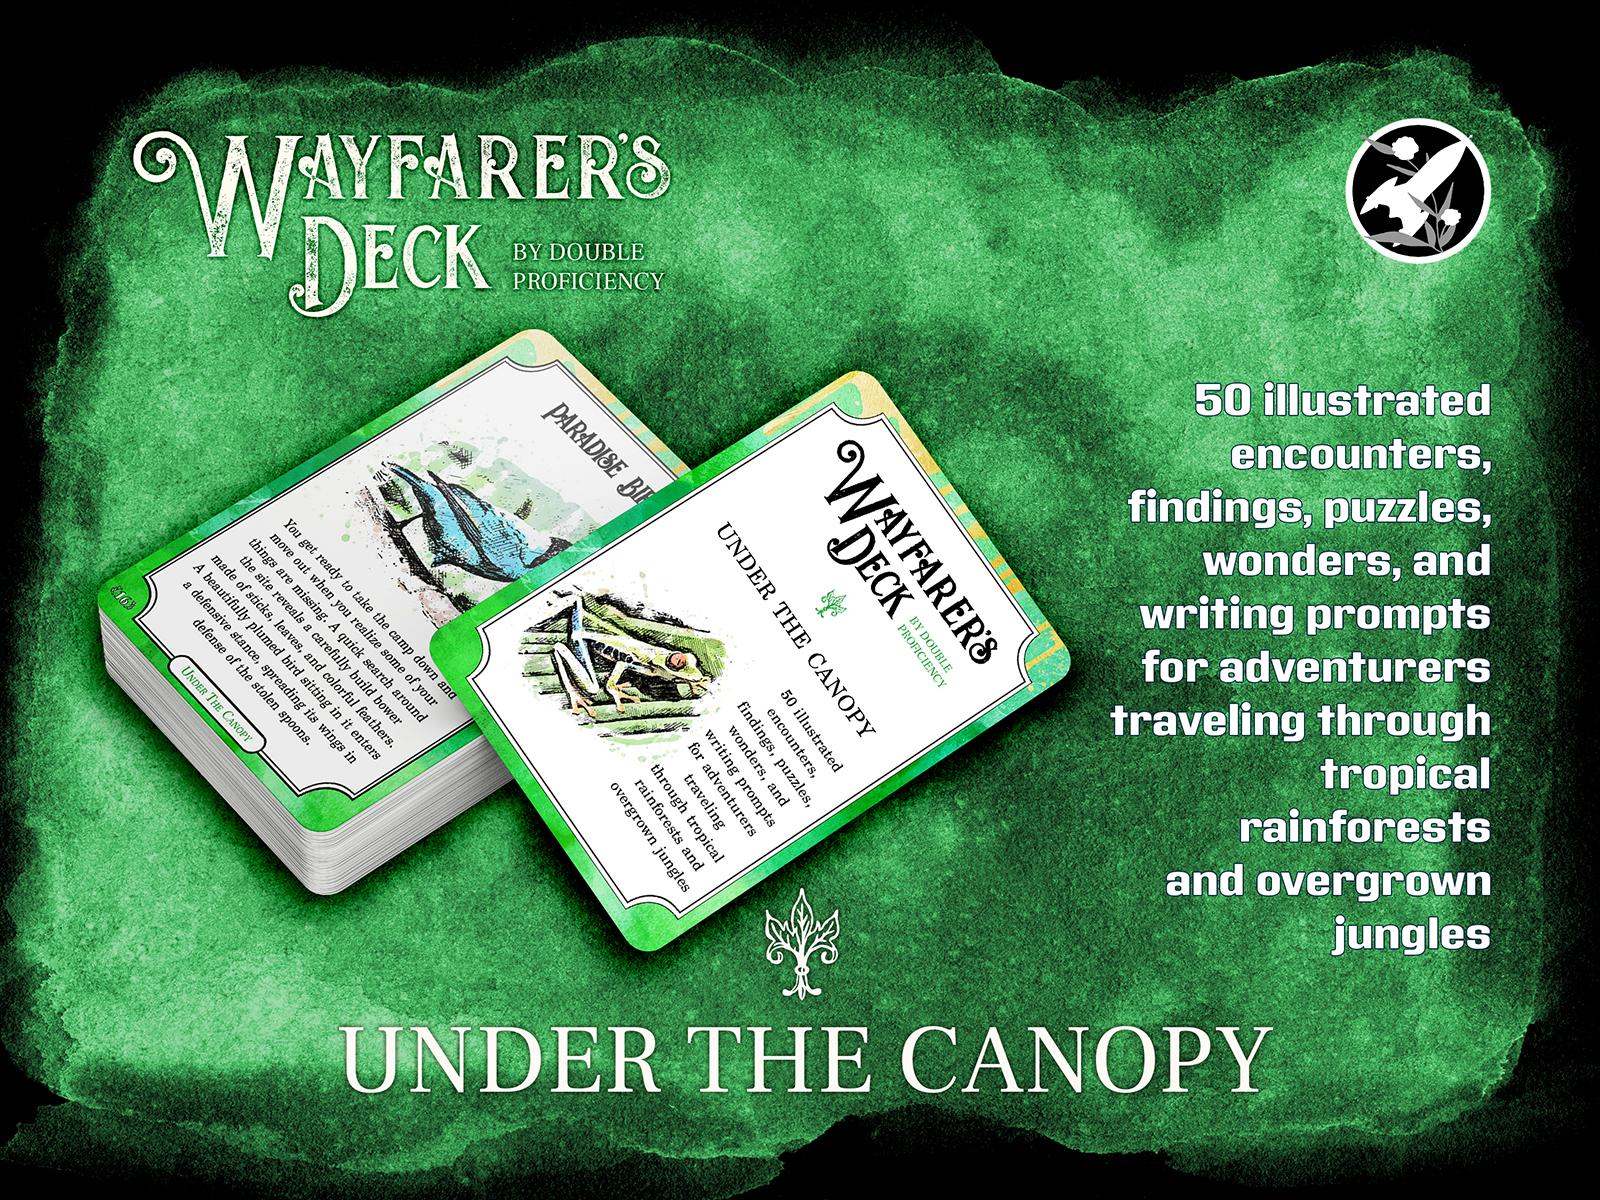 Wayfarer's Deck: Under The Canopy